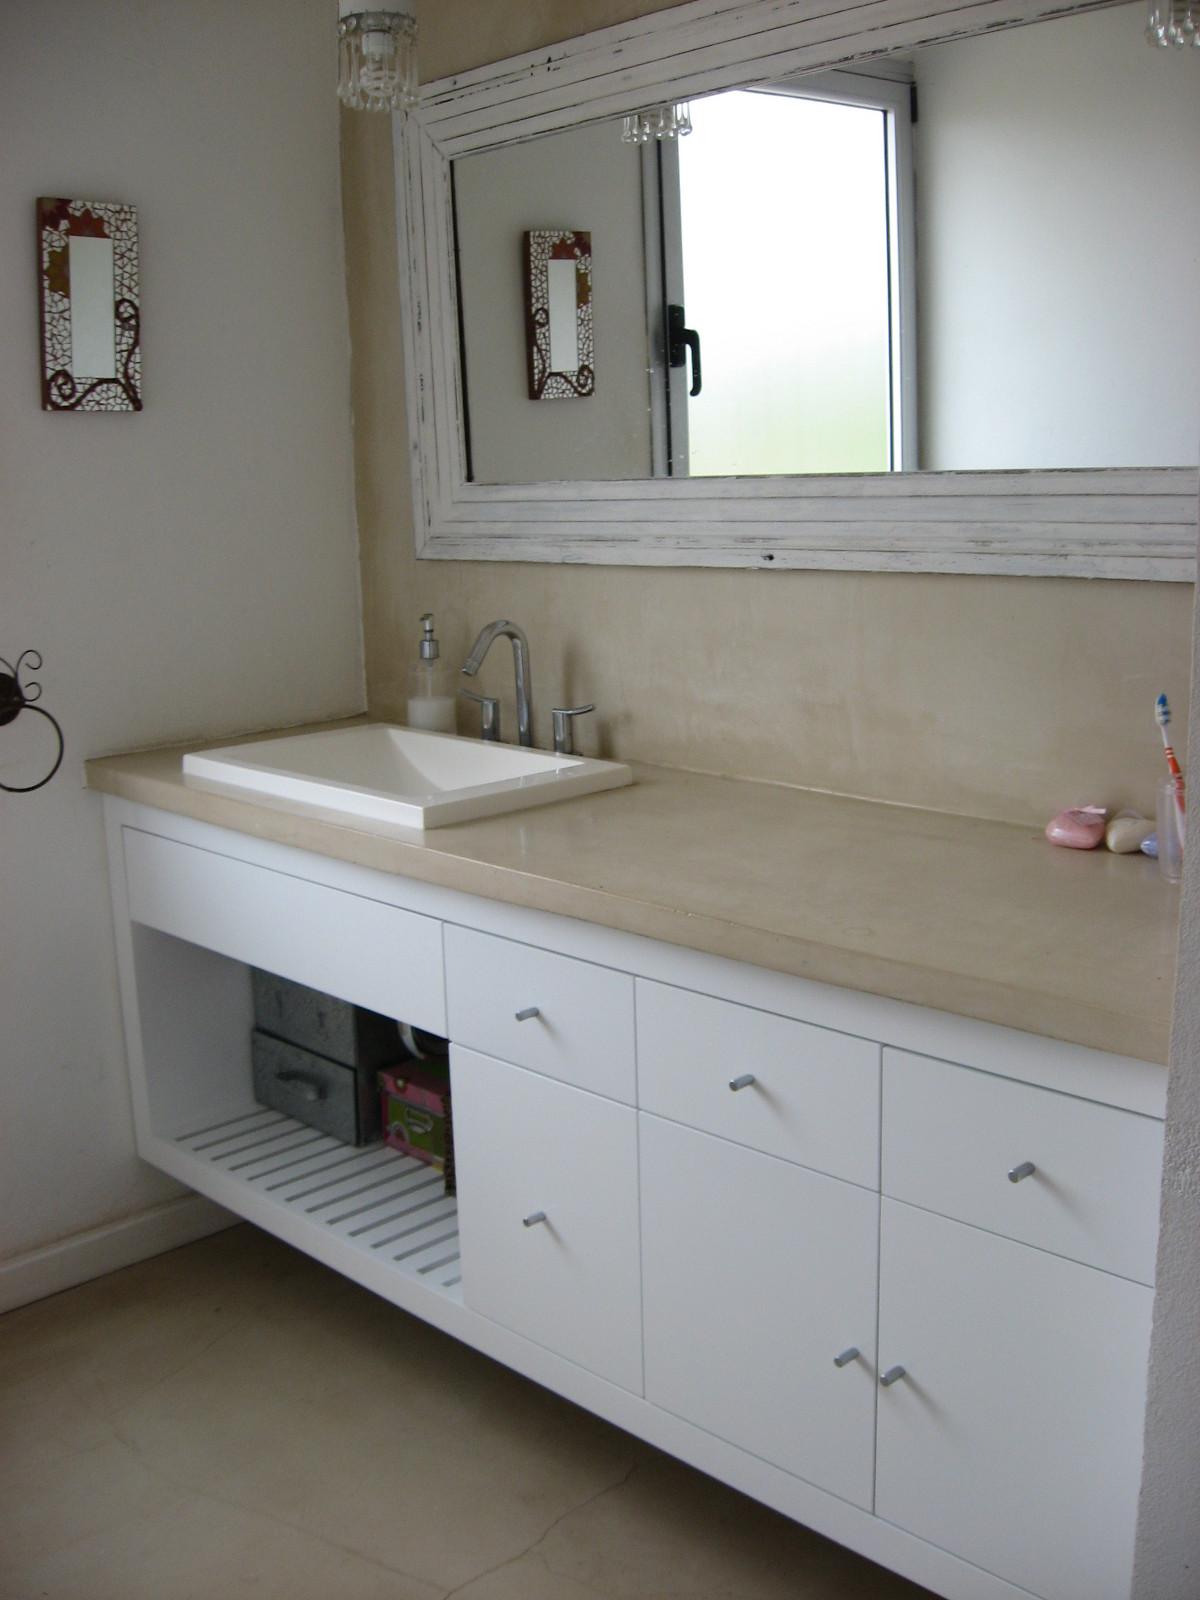 Mdg muebles vanitory for Modelos de comedores de vidrio